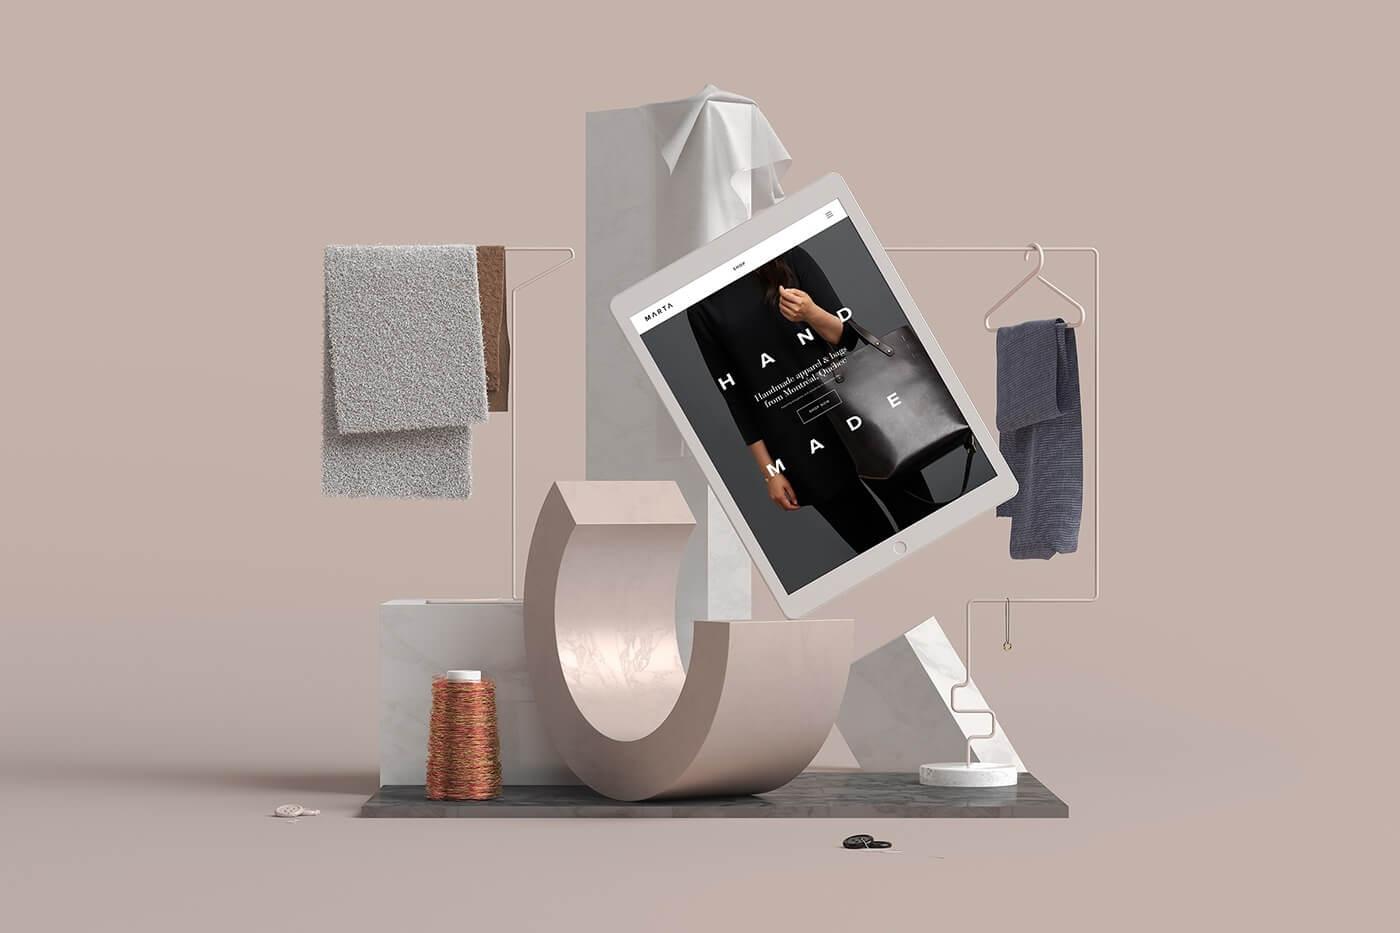 современный дизайн, тенденции